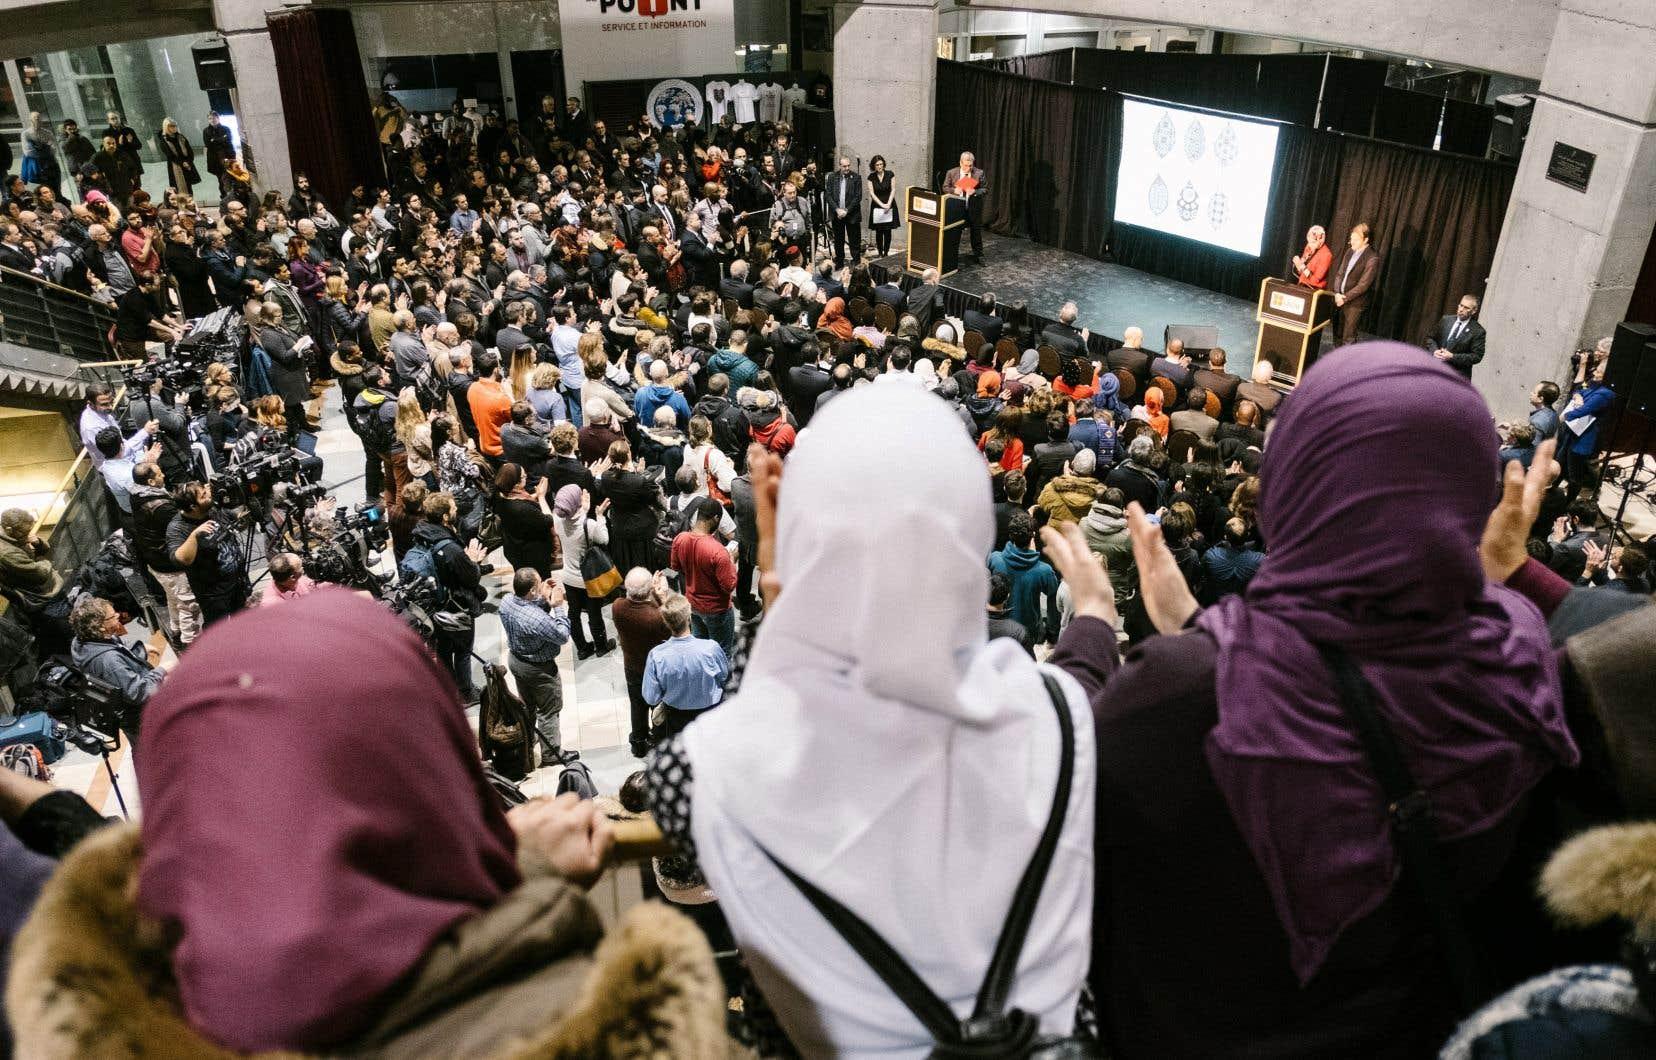 Boufeldja Benabdallah, président du Centre culturel islamique de Québec, comprend d'autant moins la remarque de Fran?ois Legault que le premier ministre était présent à la cérémonie de commémoration de l'attentat (ci-dessus) et qu'il avait alors fait preuve de compassion.